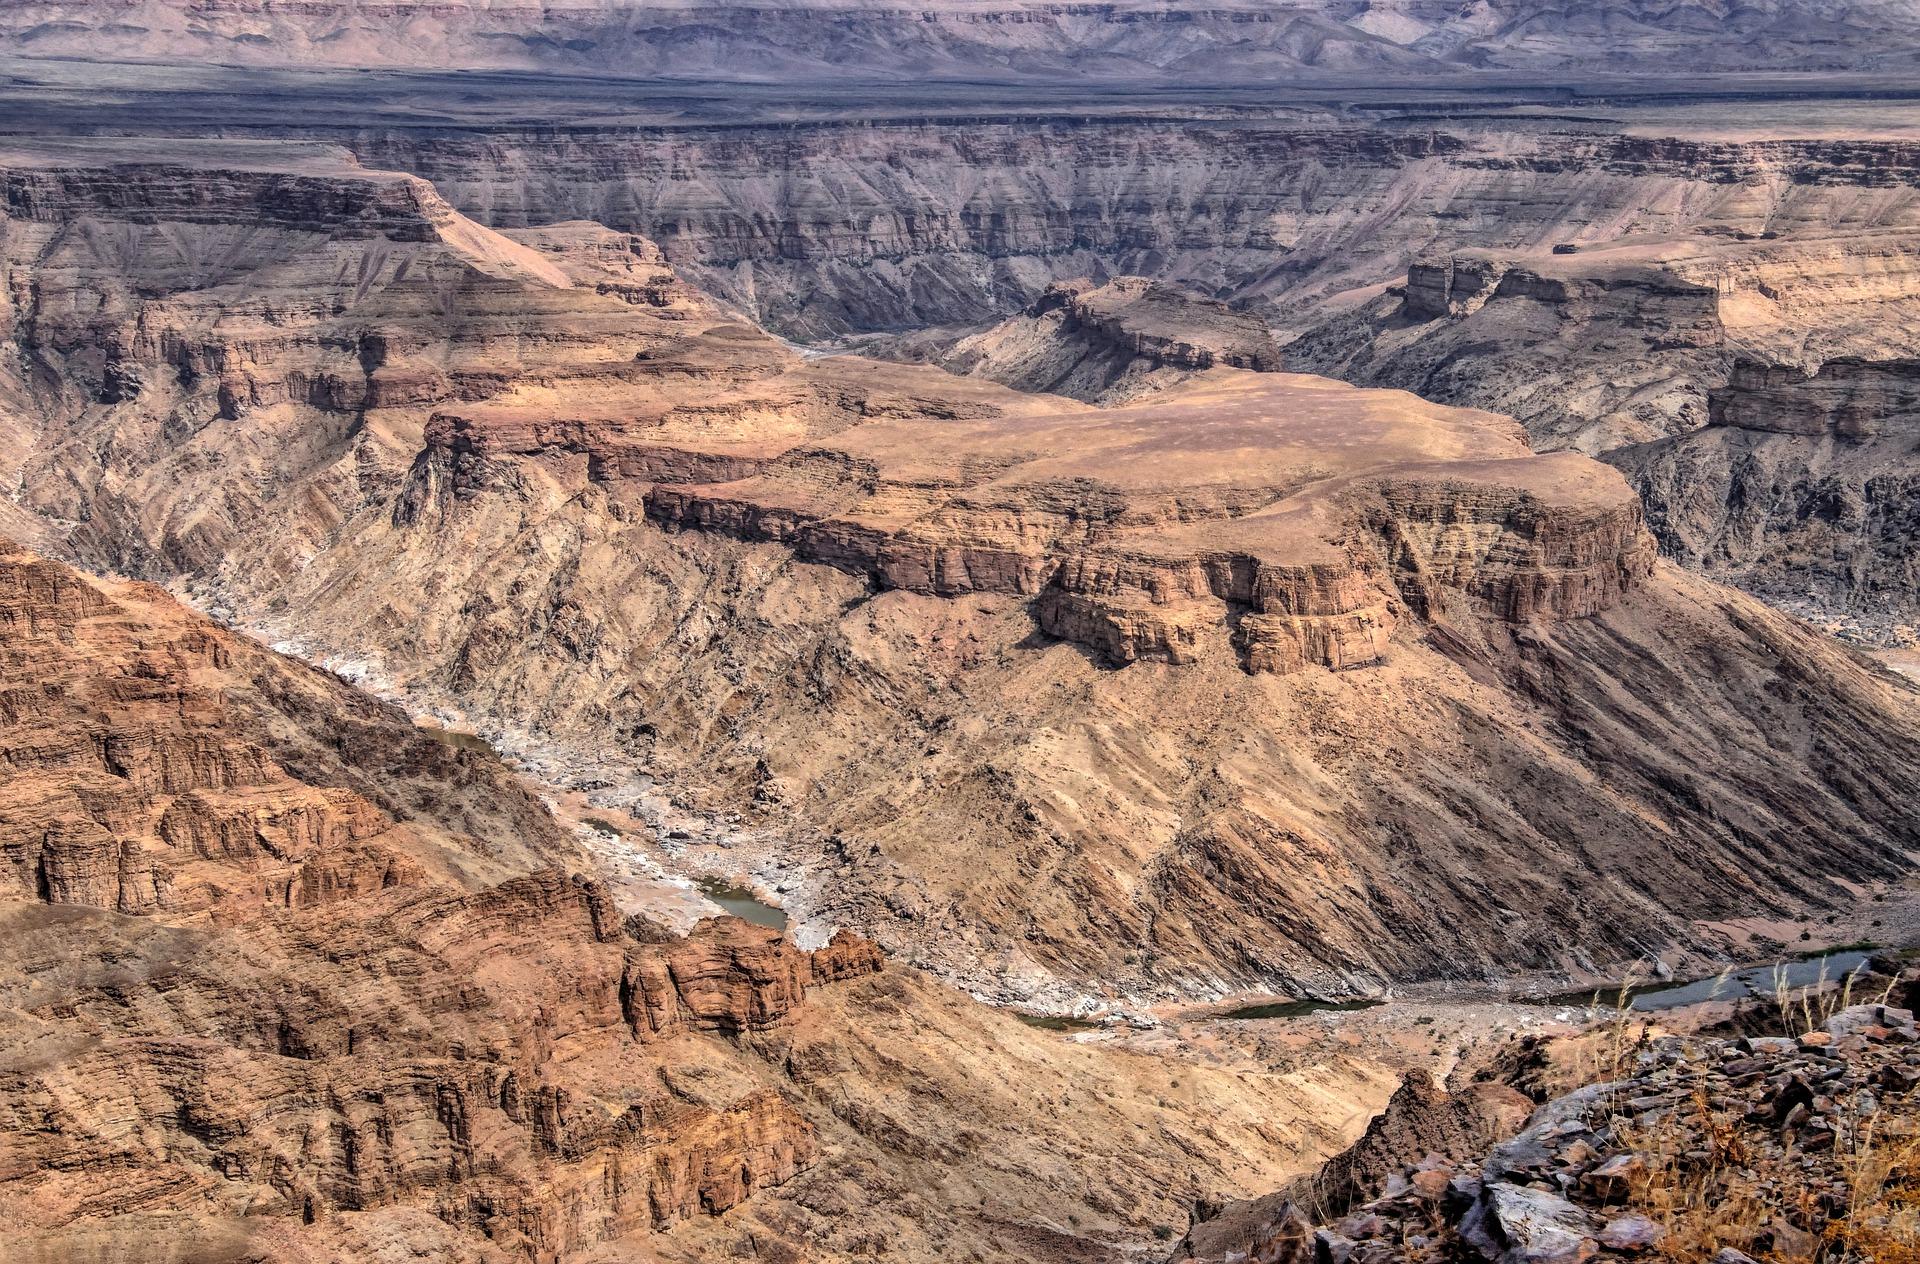 Fish-river-canyon-pixabay-namibia-4820680_1920